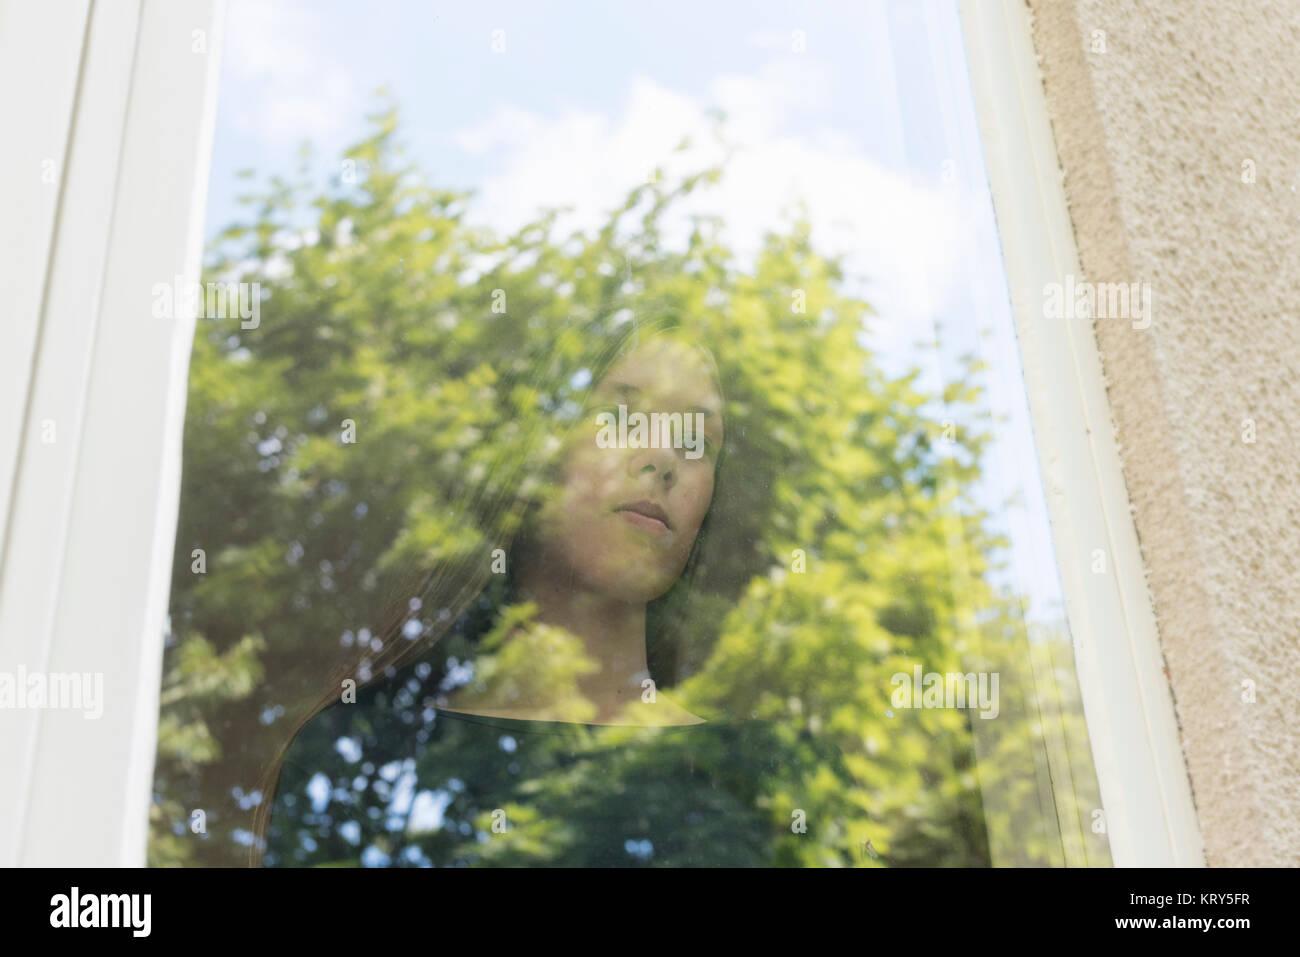 Ein Mädchen aus dem Fenster schauen Stockfoto